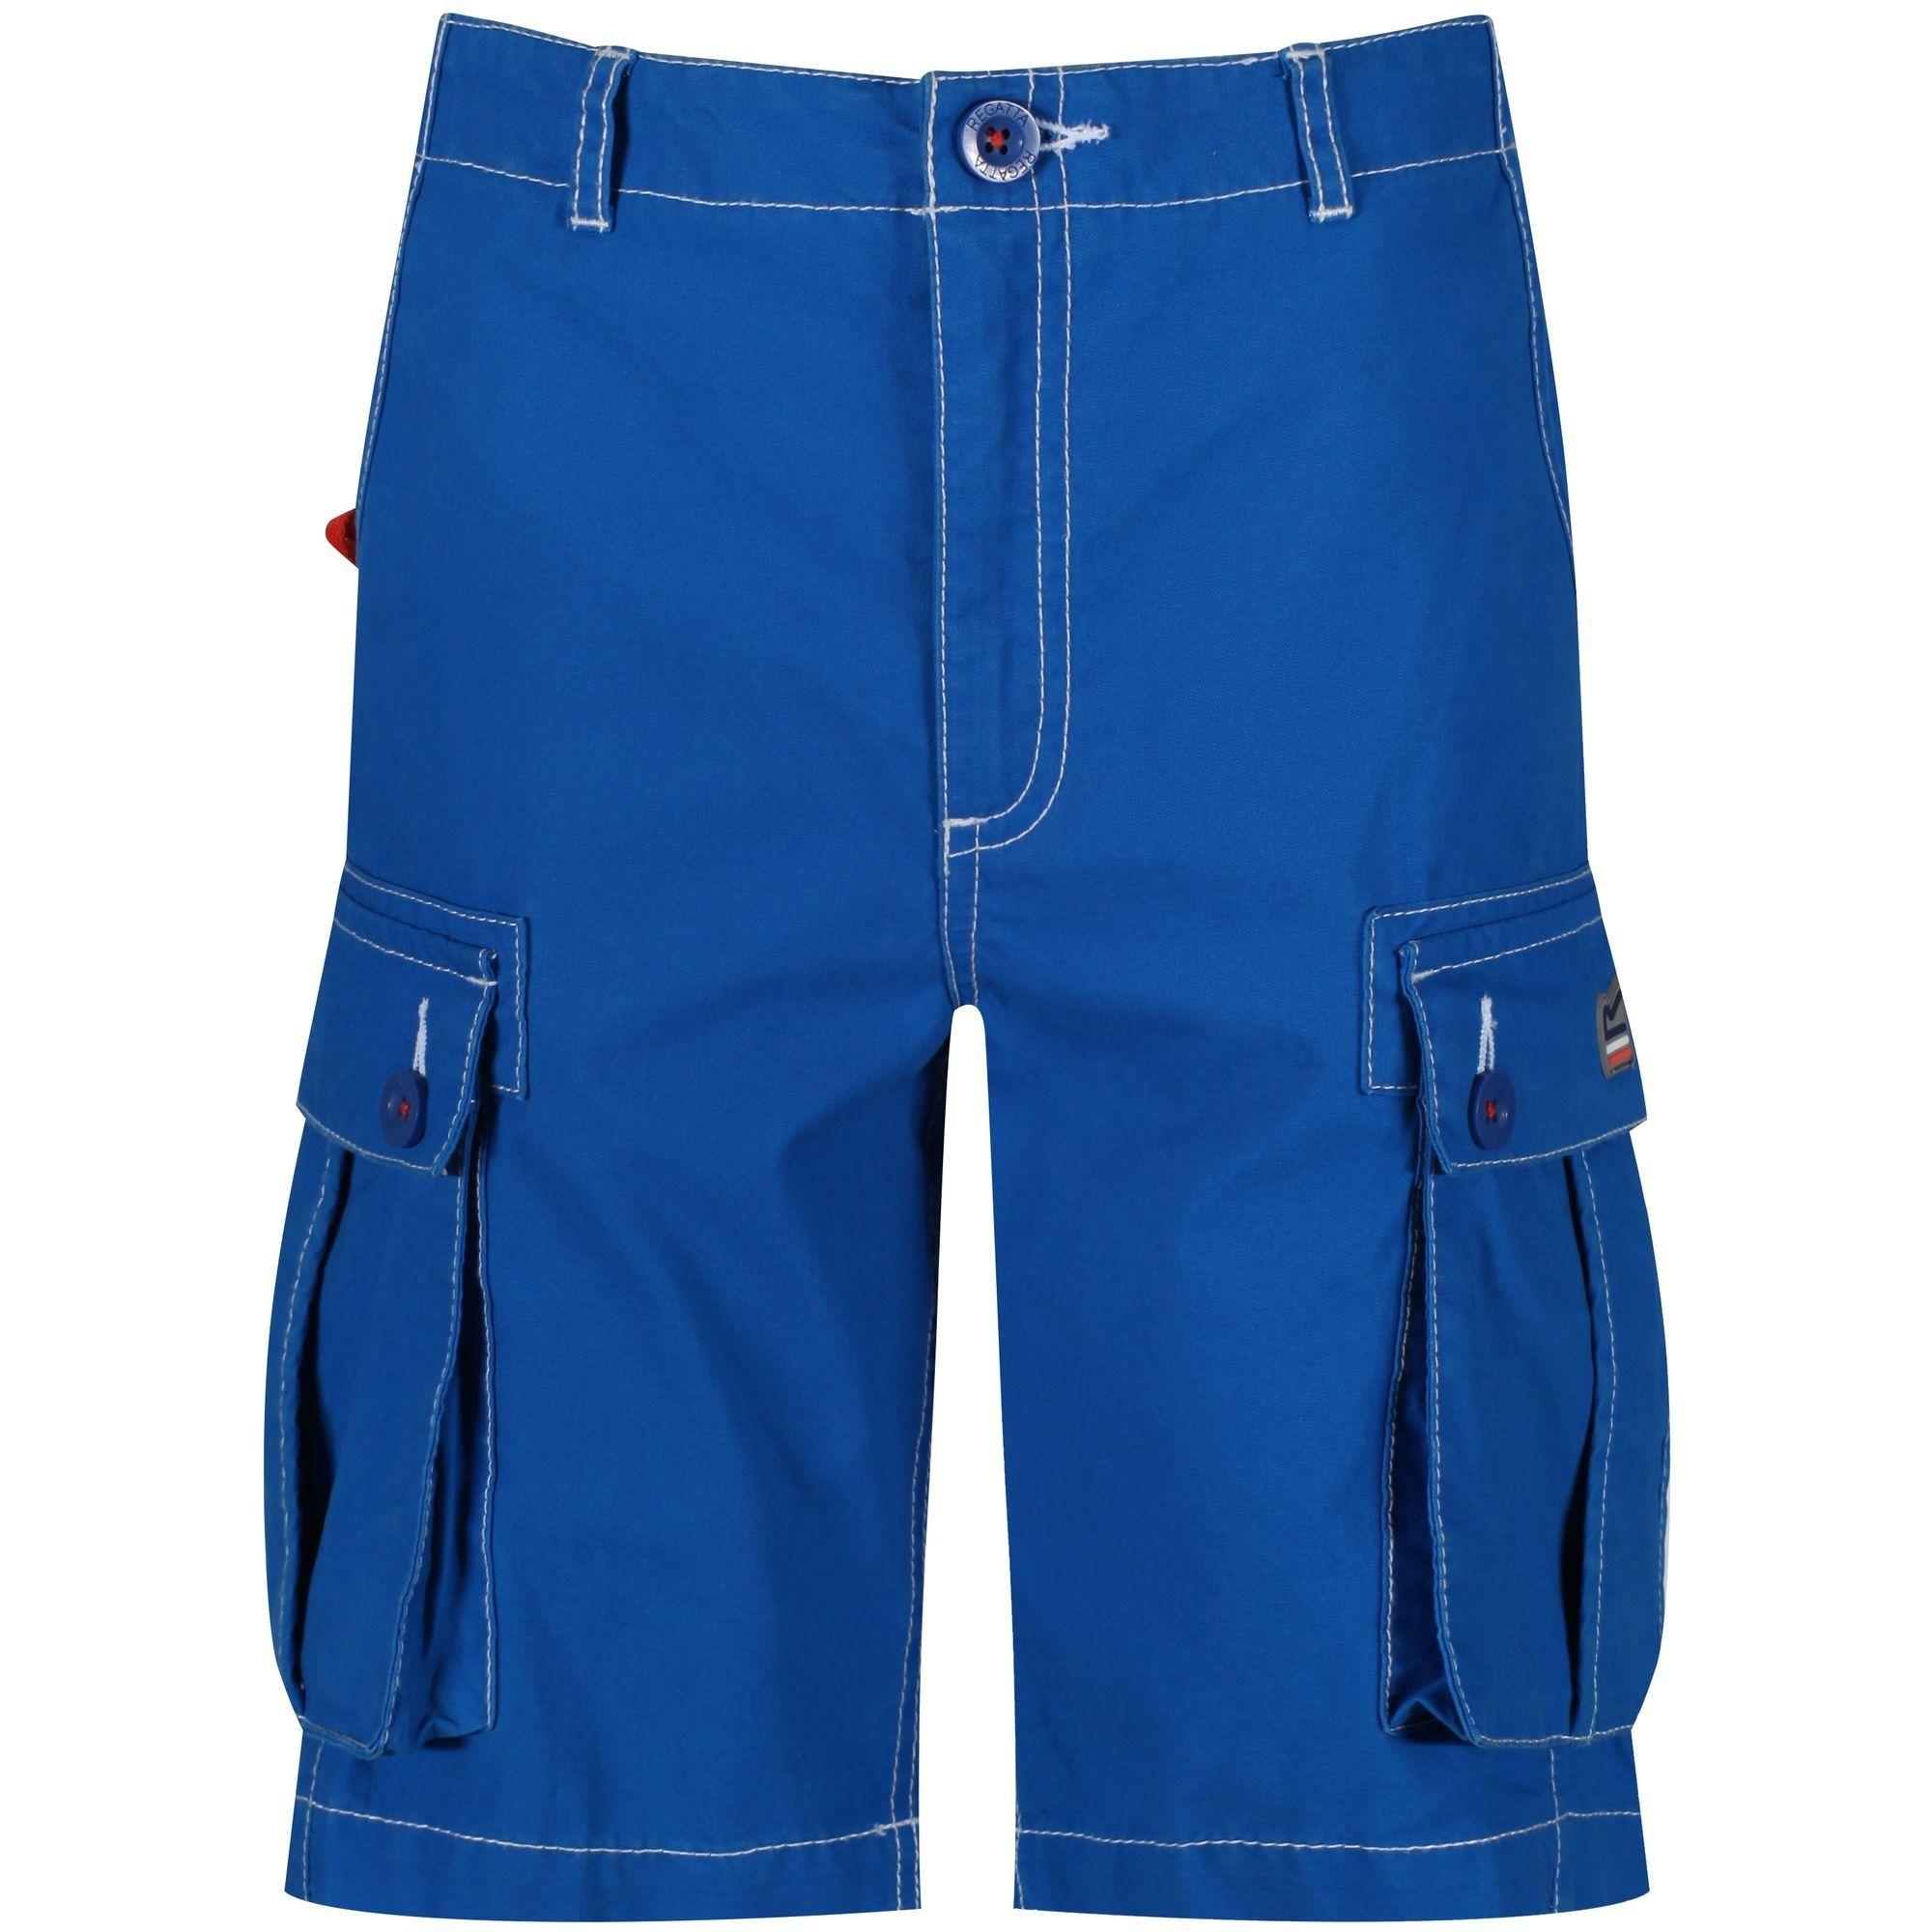 Regatta Childrens/Kids Shorefire Coolweave Cotton Canvas Shorts